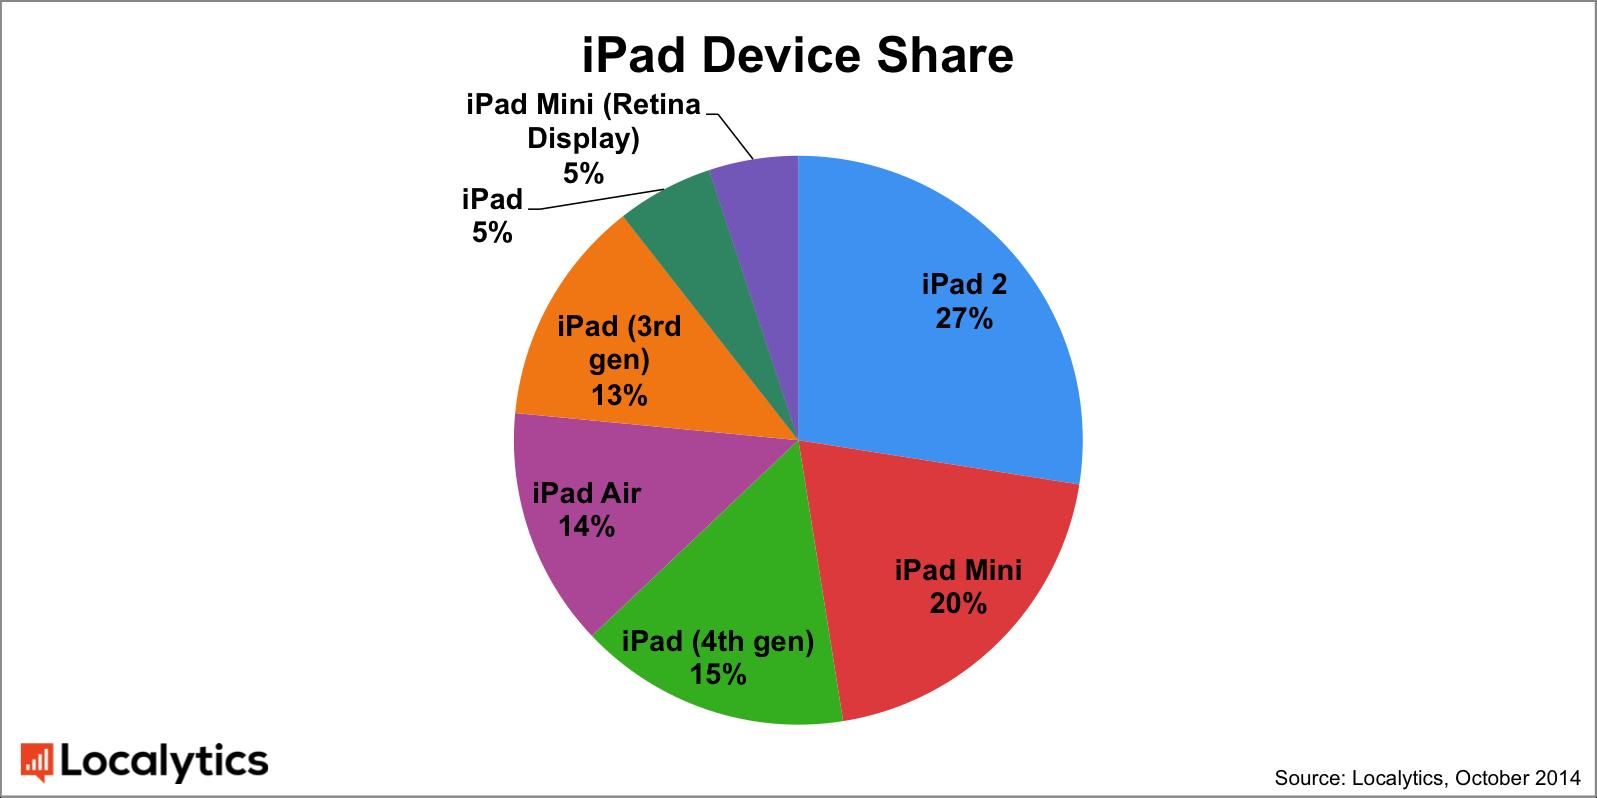 Pesquisa da Localytics sobre market share de iPads